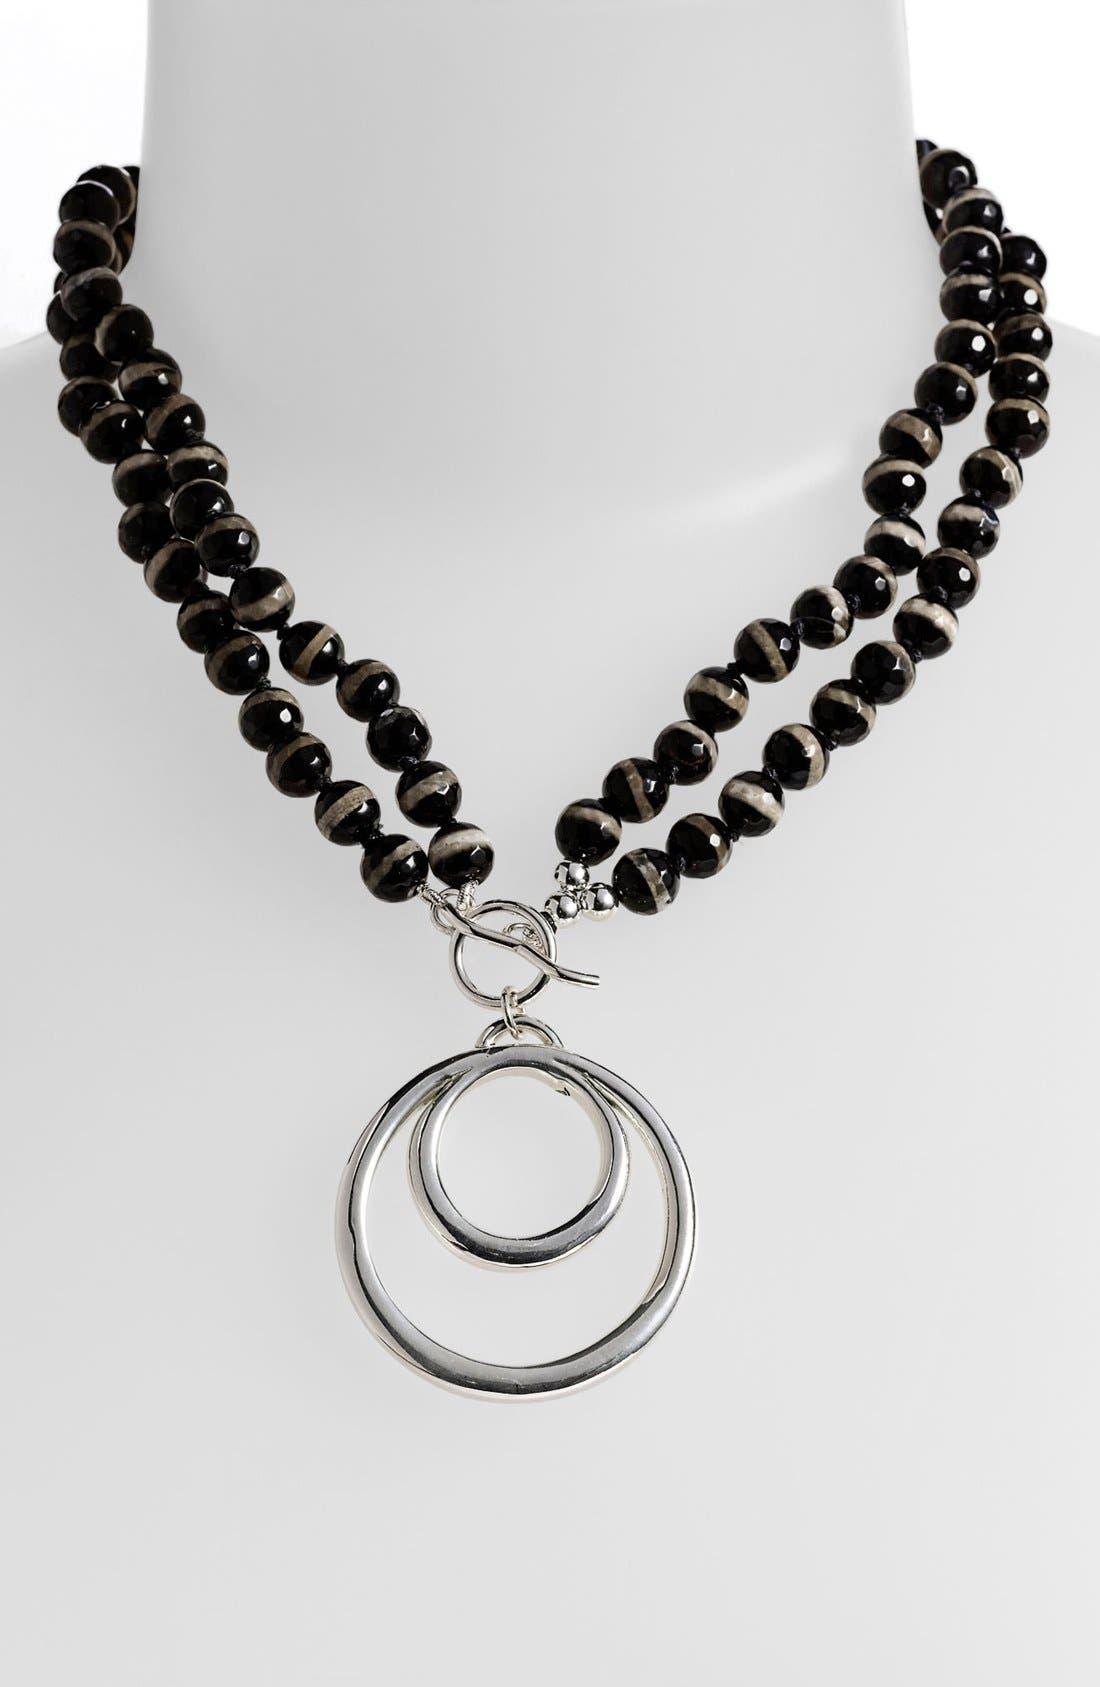 Main Image - Simon Sebbag 'Contemporary' Convertible Double Circle Pendant Necklace